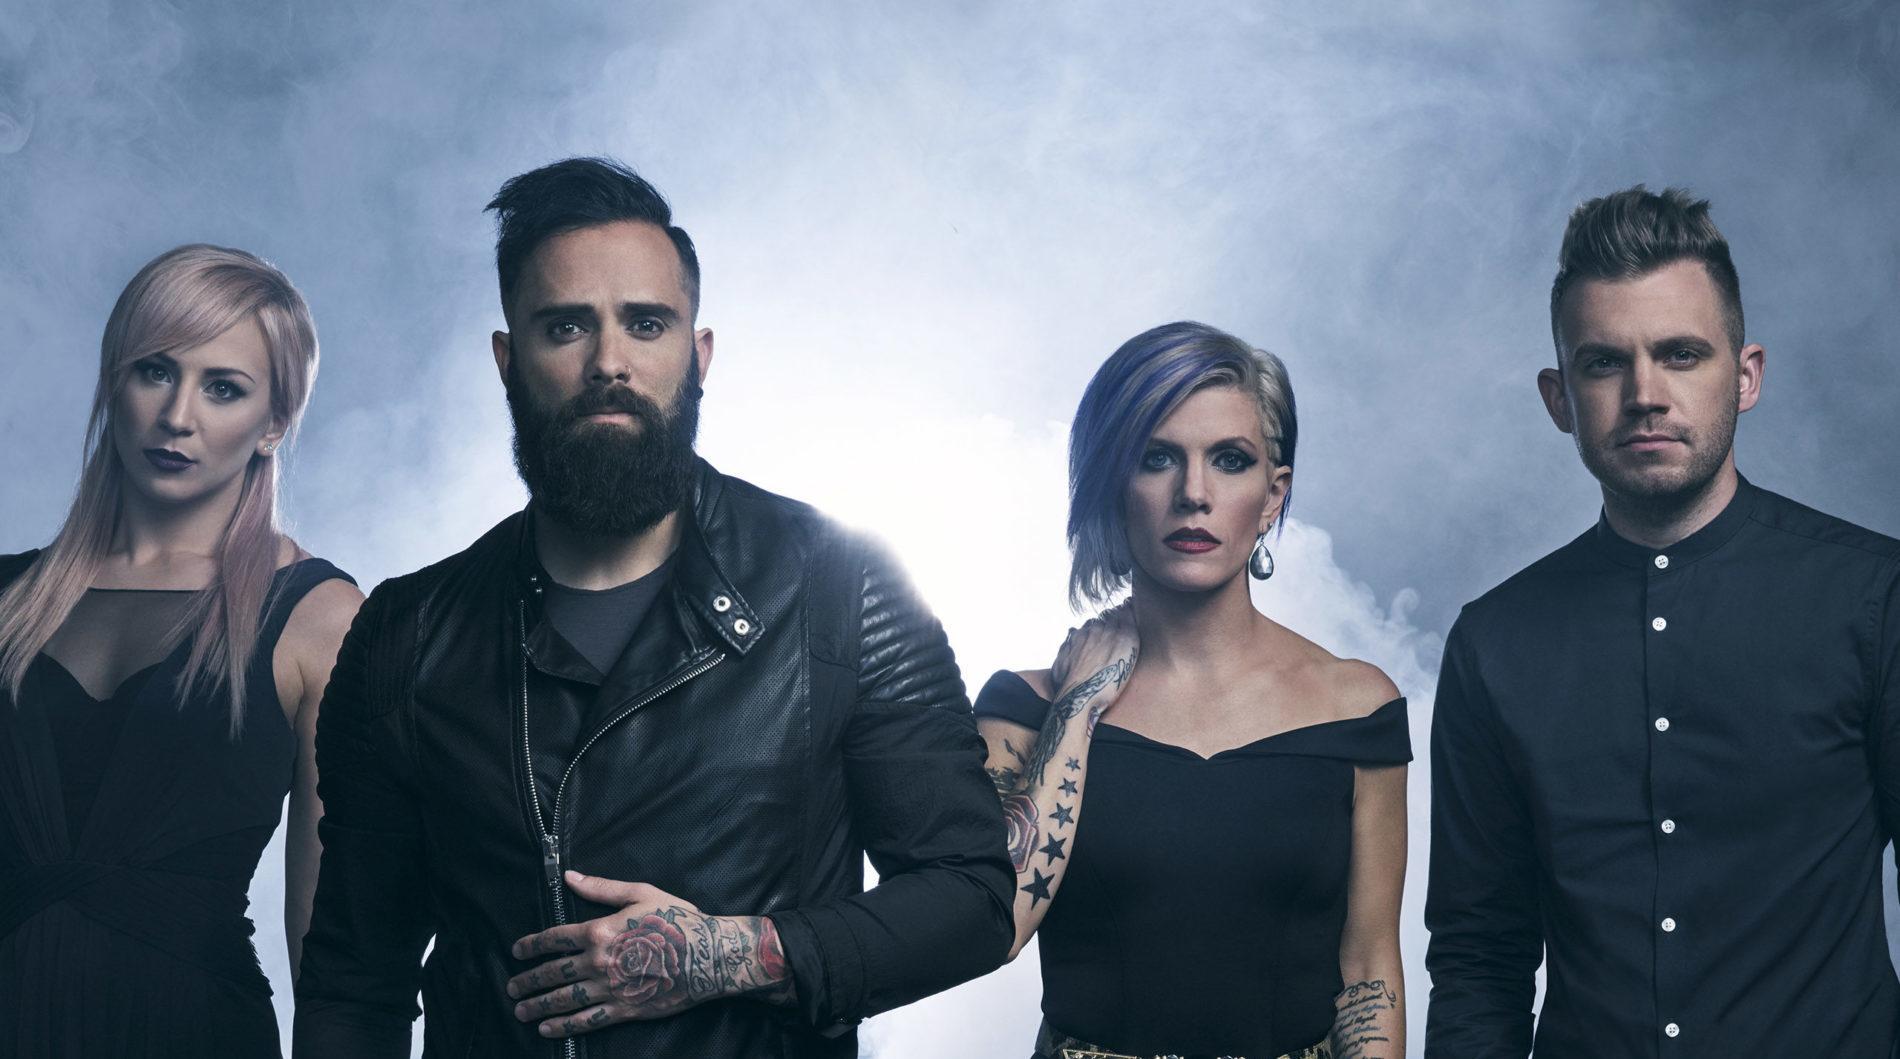 Американський гурт Skillet виступить у Києві з новою платівкою (ВІДЕО)